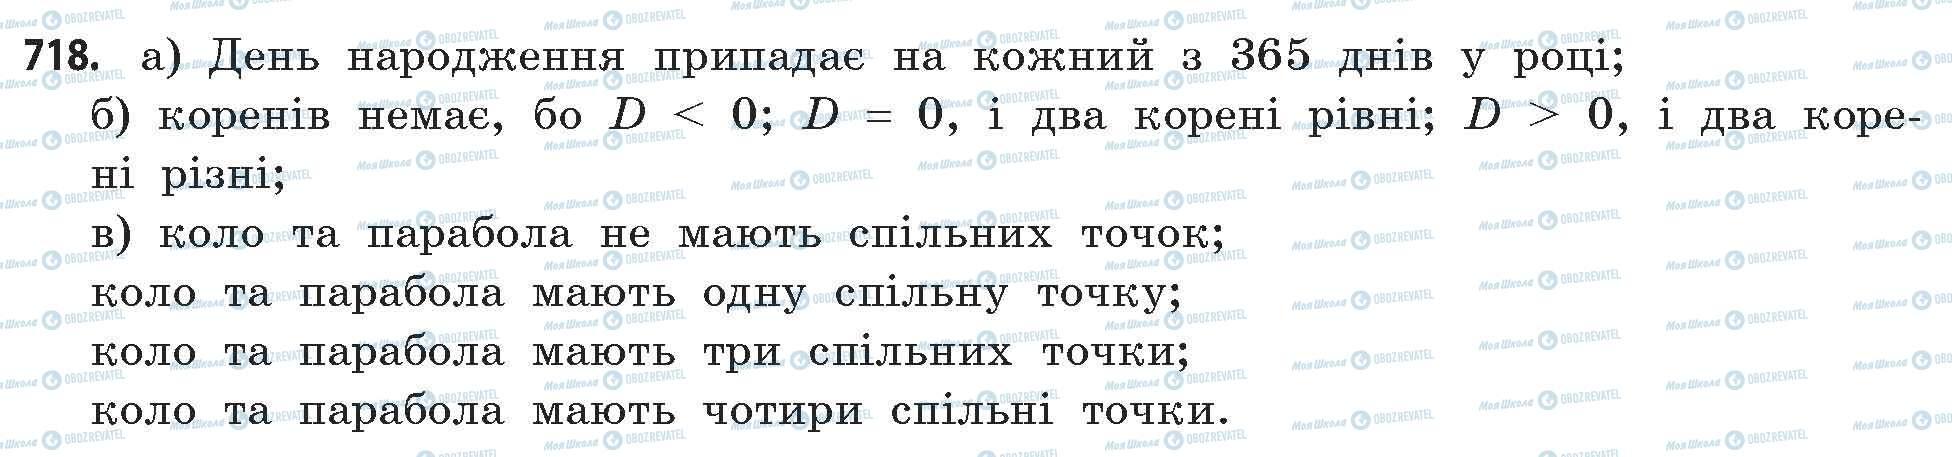 ГДЗ Математика 11 класс страница 718